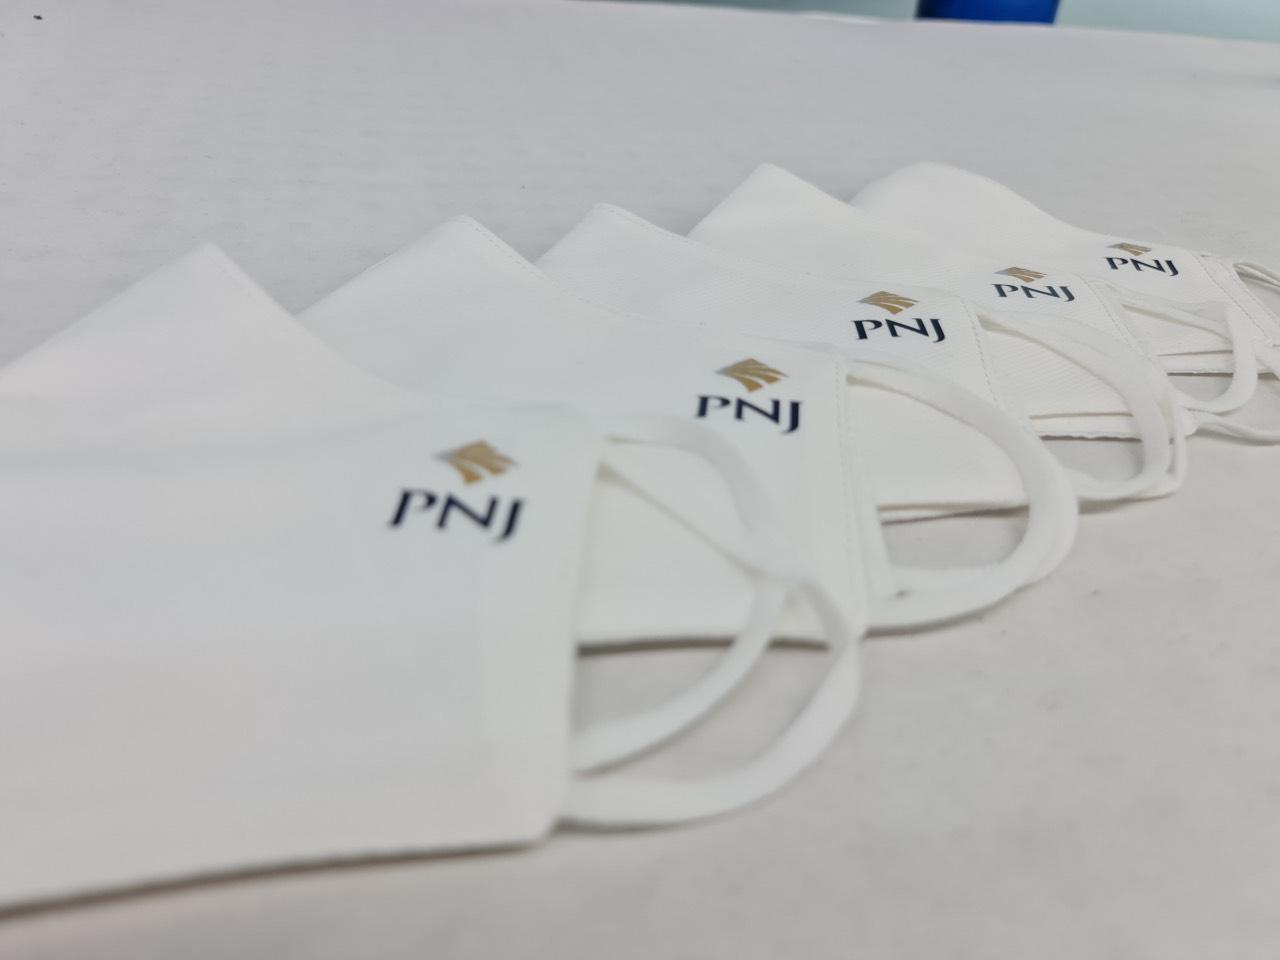 May Khẩu Trang Vải Kháng Khuẩn In Logo Pnj Ngăn Ngừa Covid Chất Lượng Cao